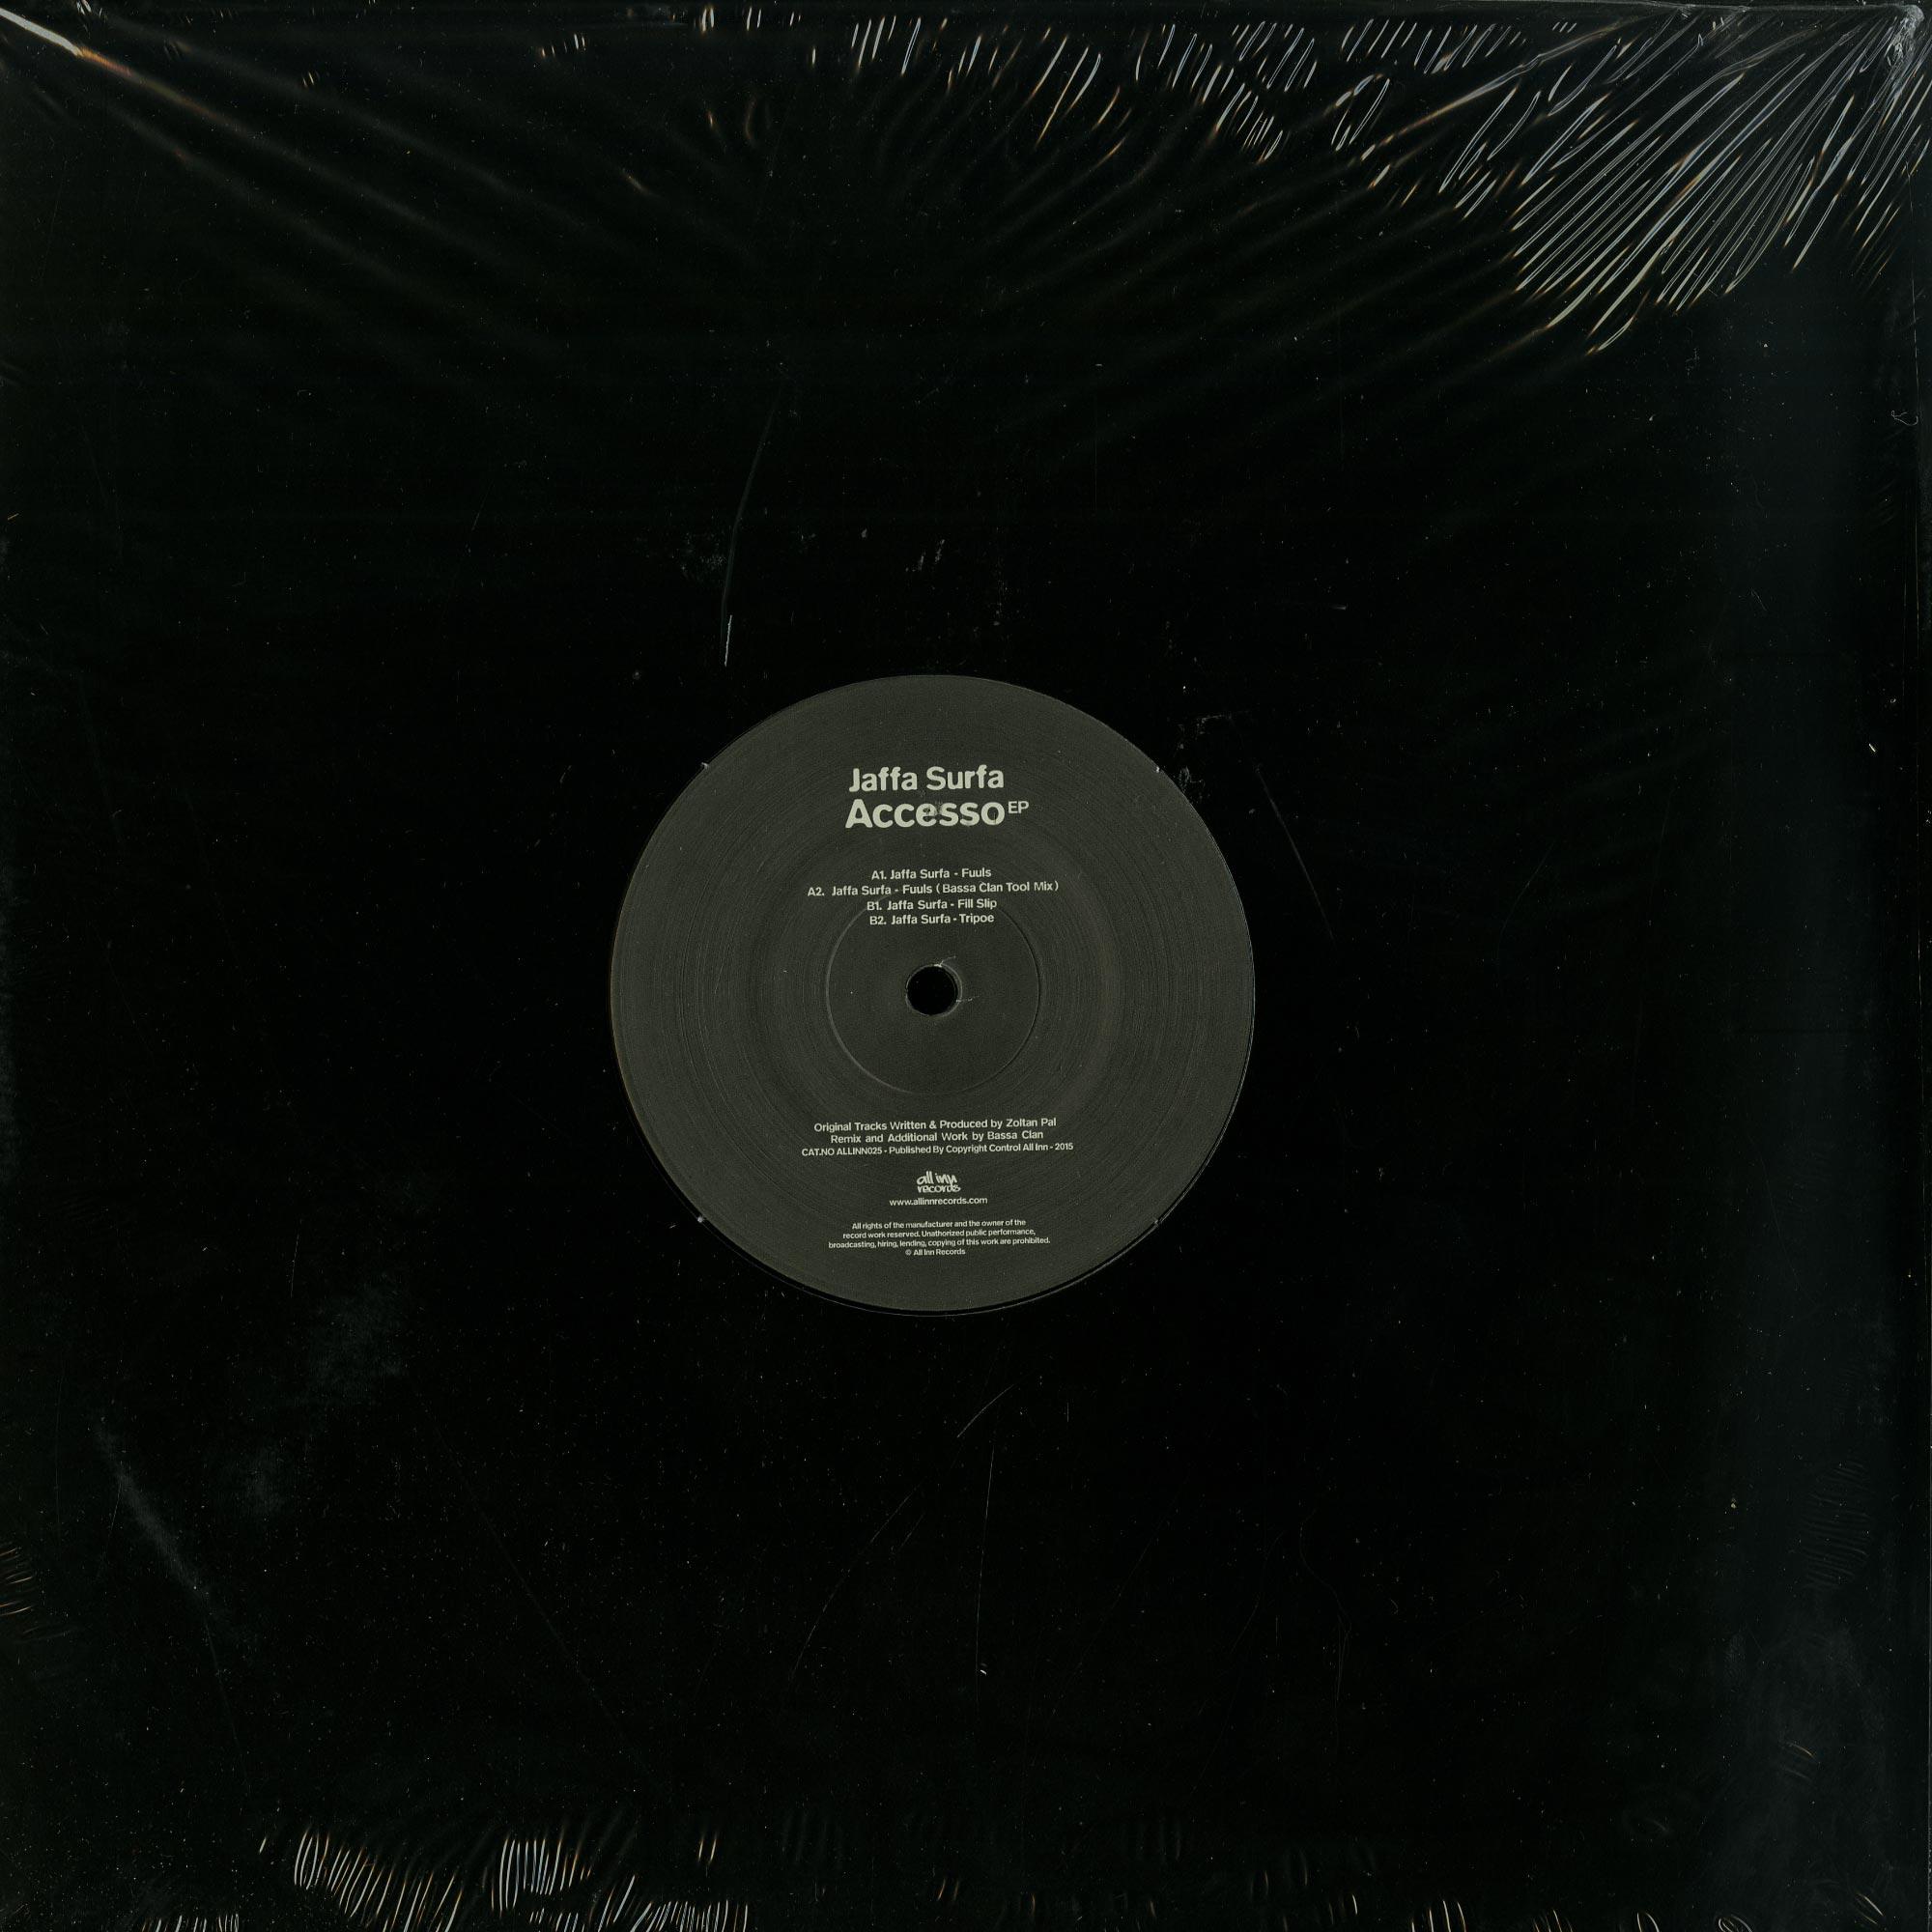 Jaffa Surfa - ACCESSO EP